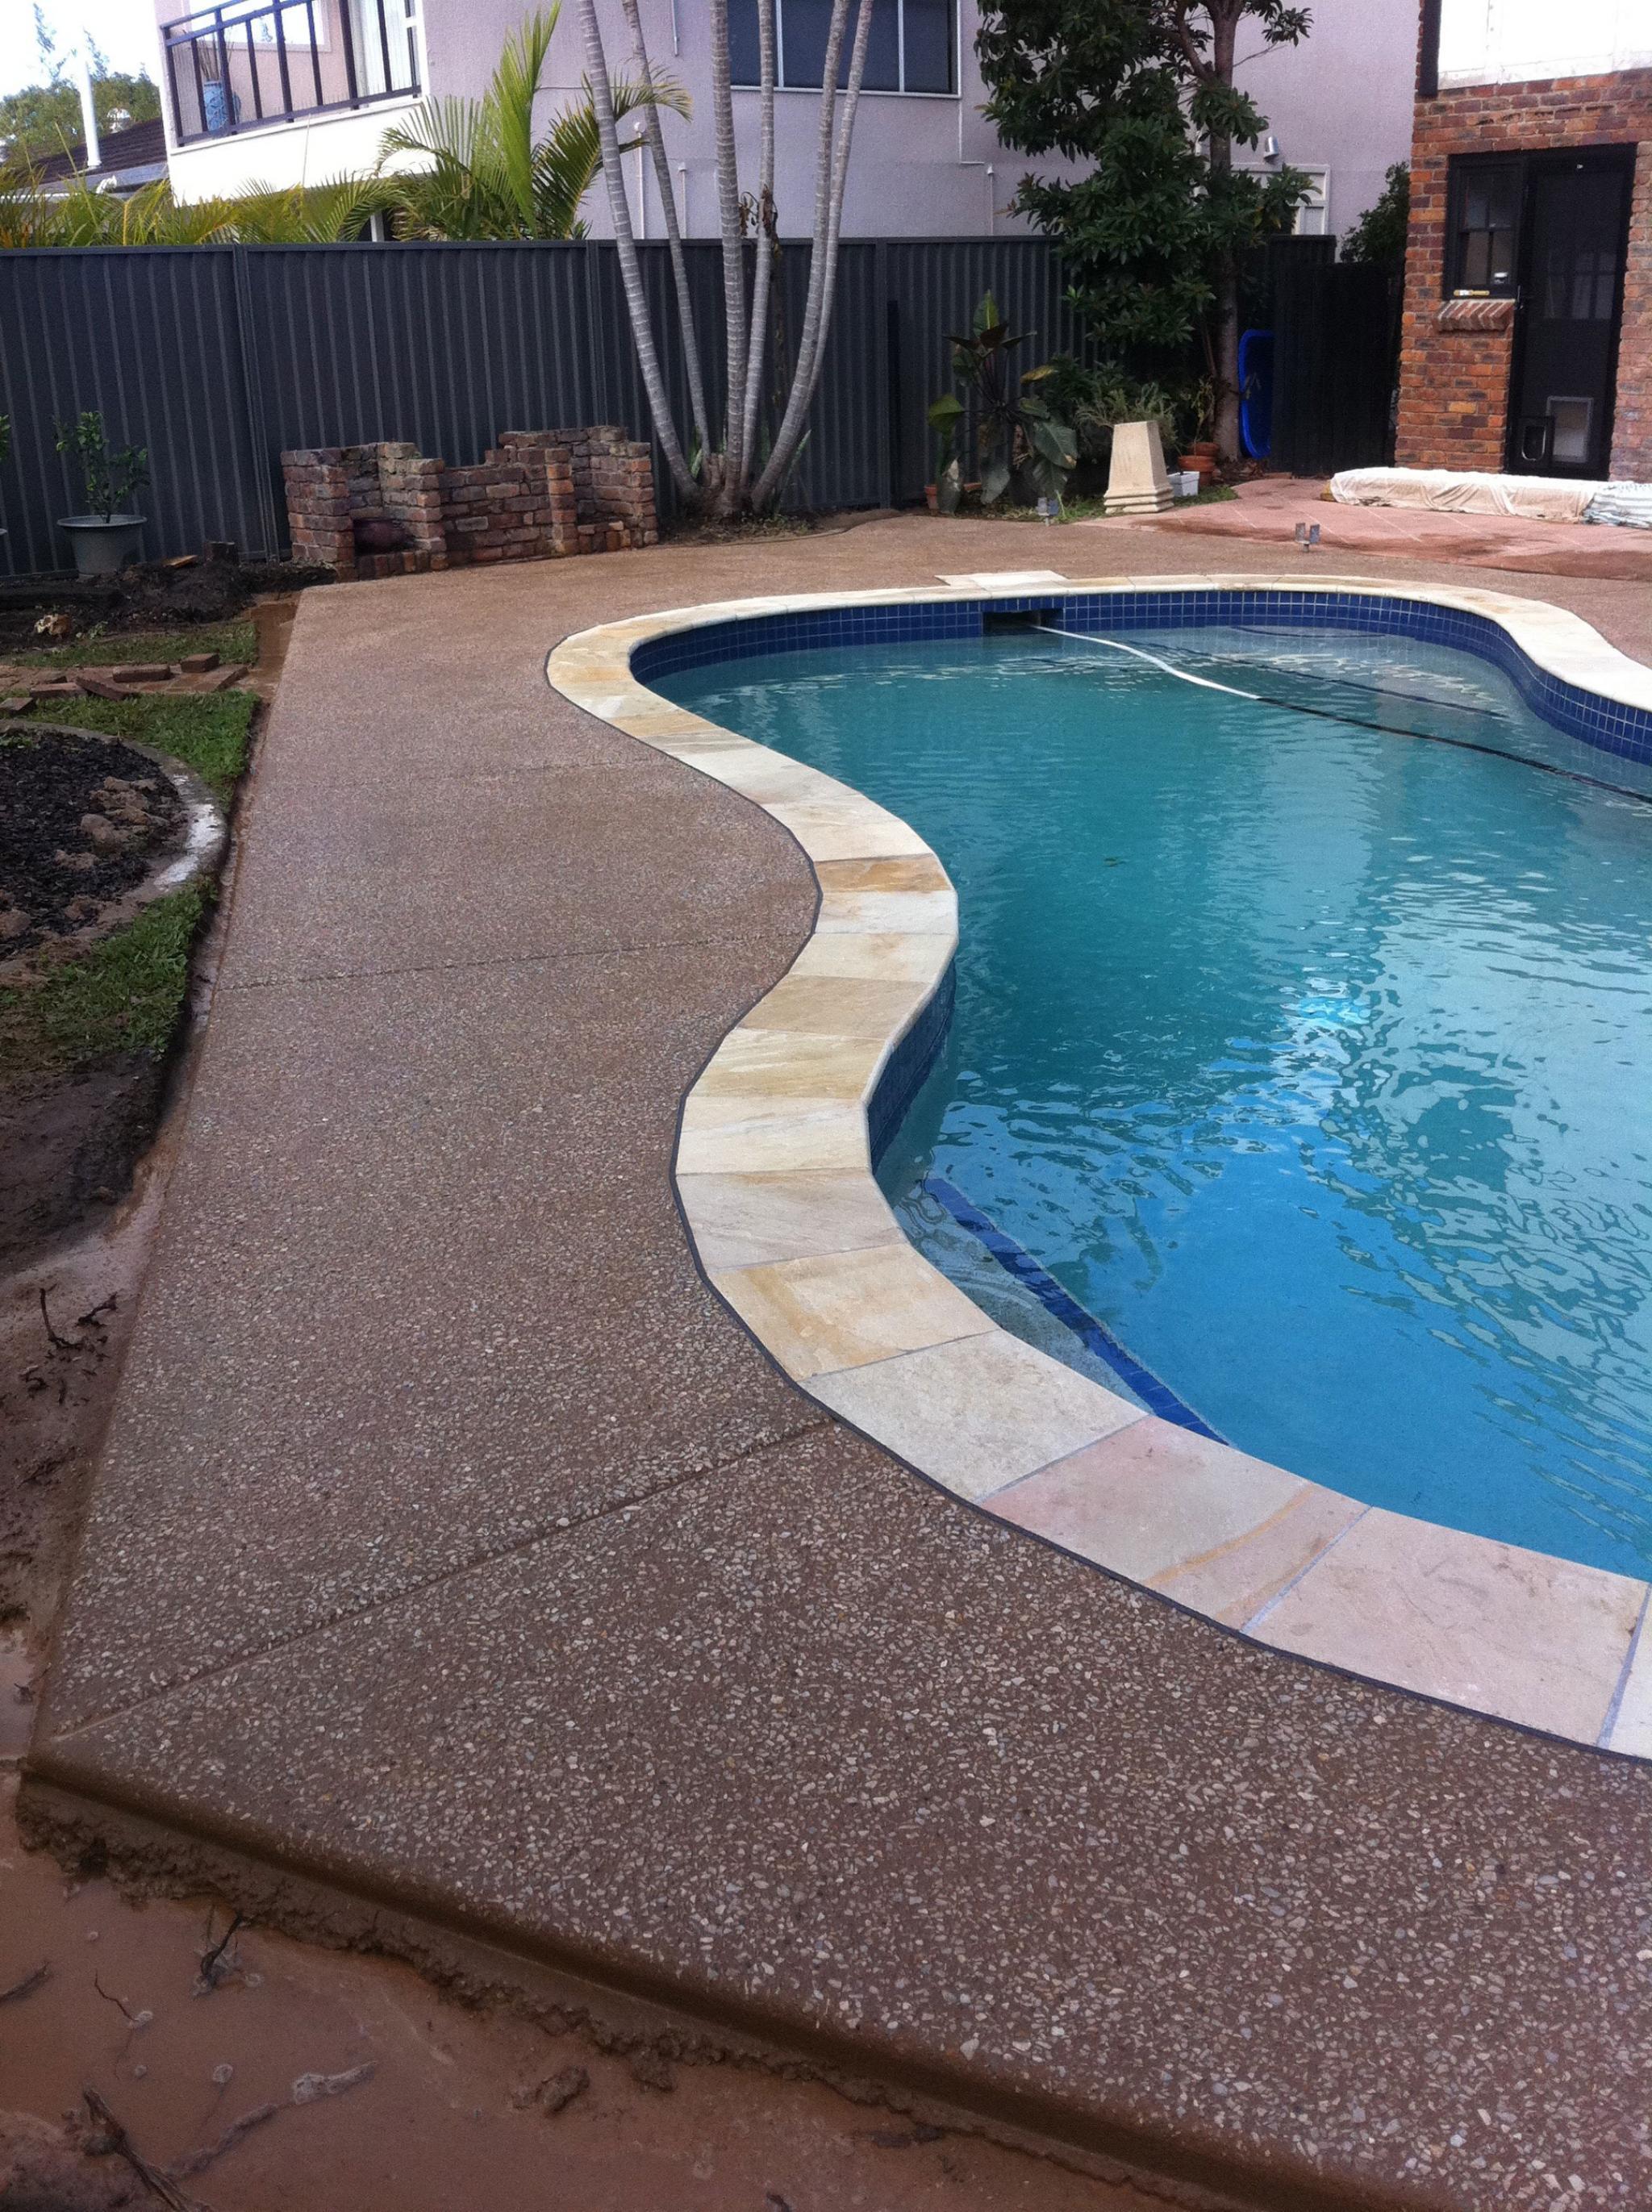 Pool Surrounds City Link Concrete Construction